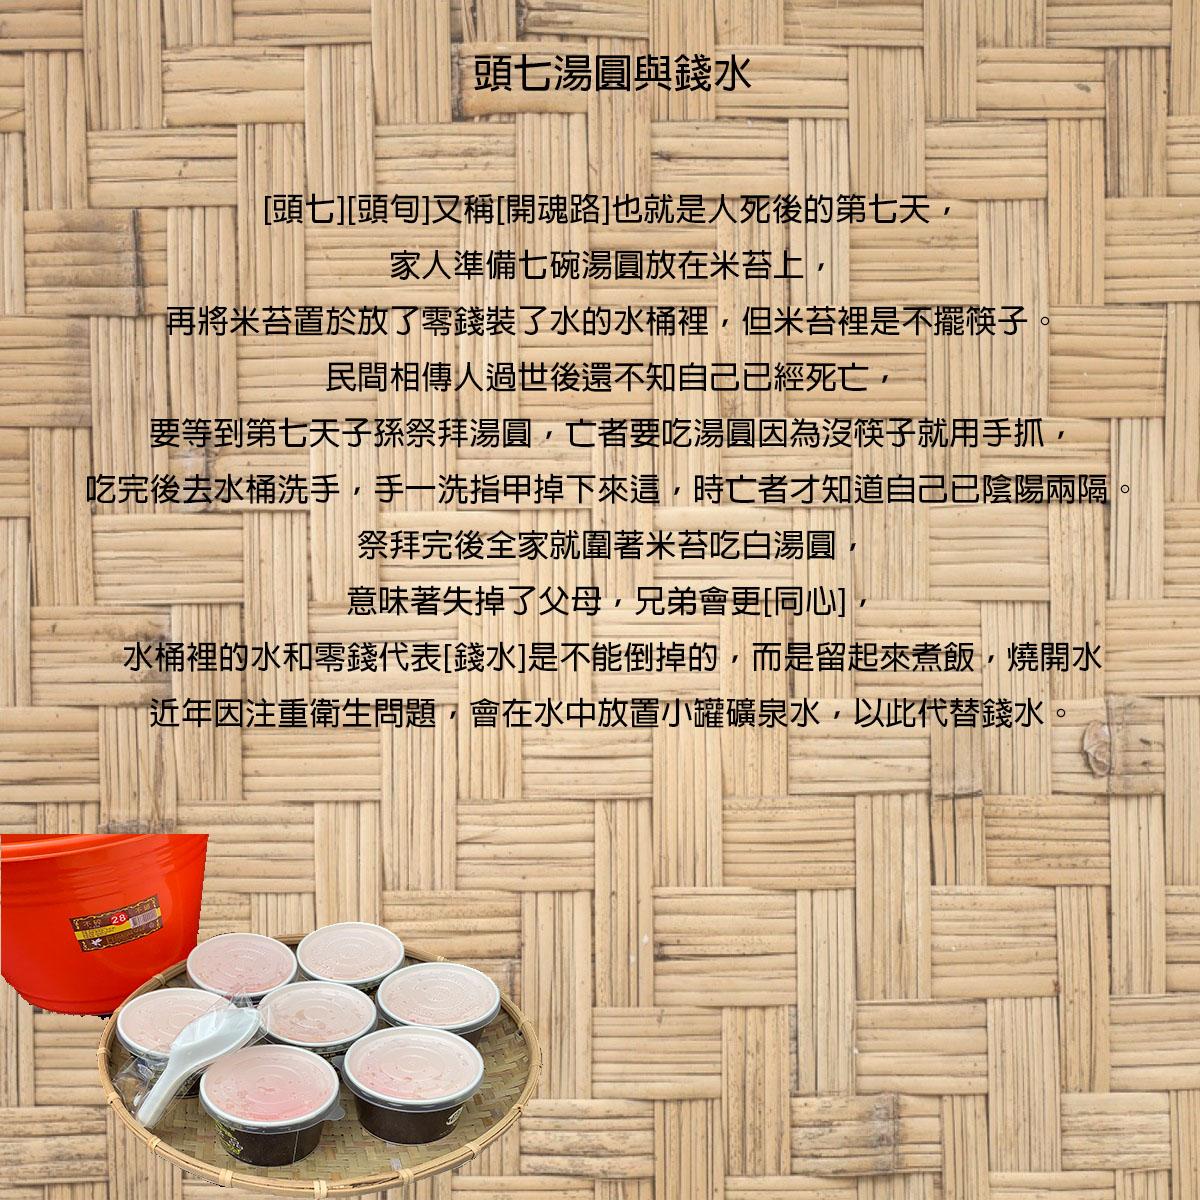 法事祭品-頭七香齋素六飯菜全組含湯圓水桶